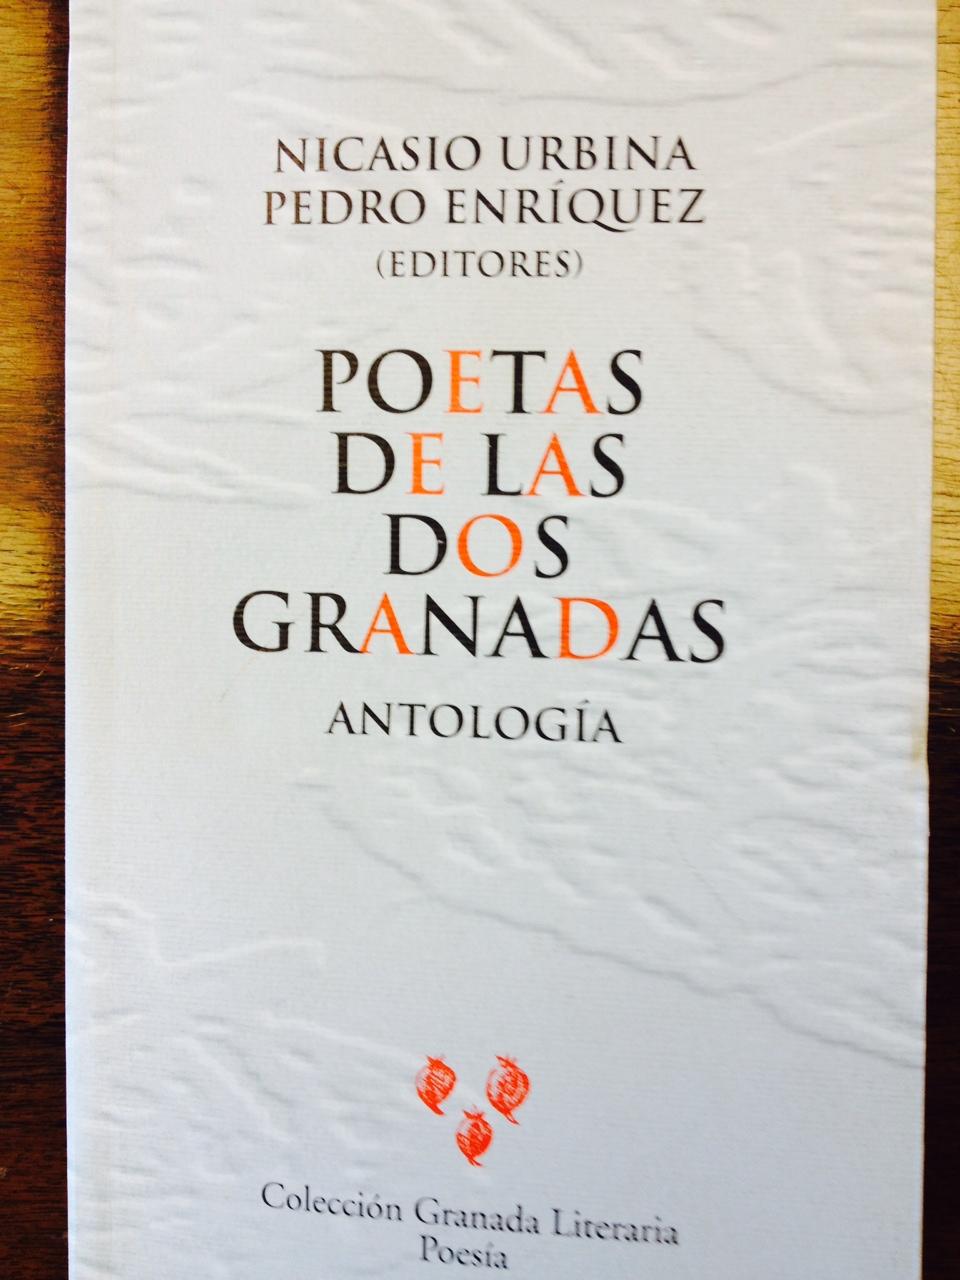 Edición española